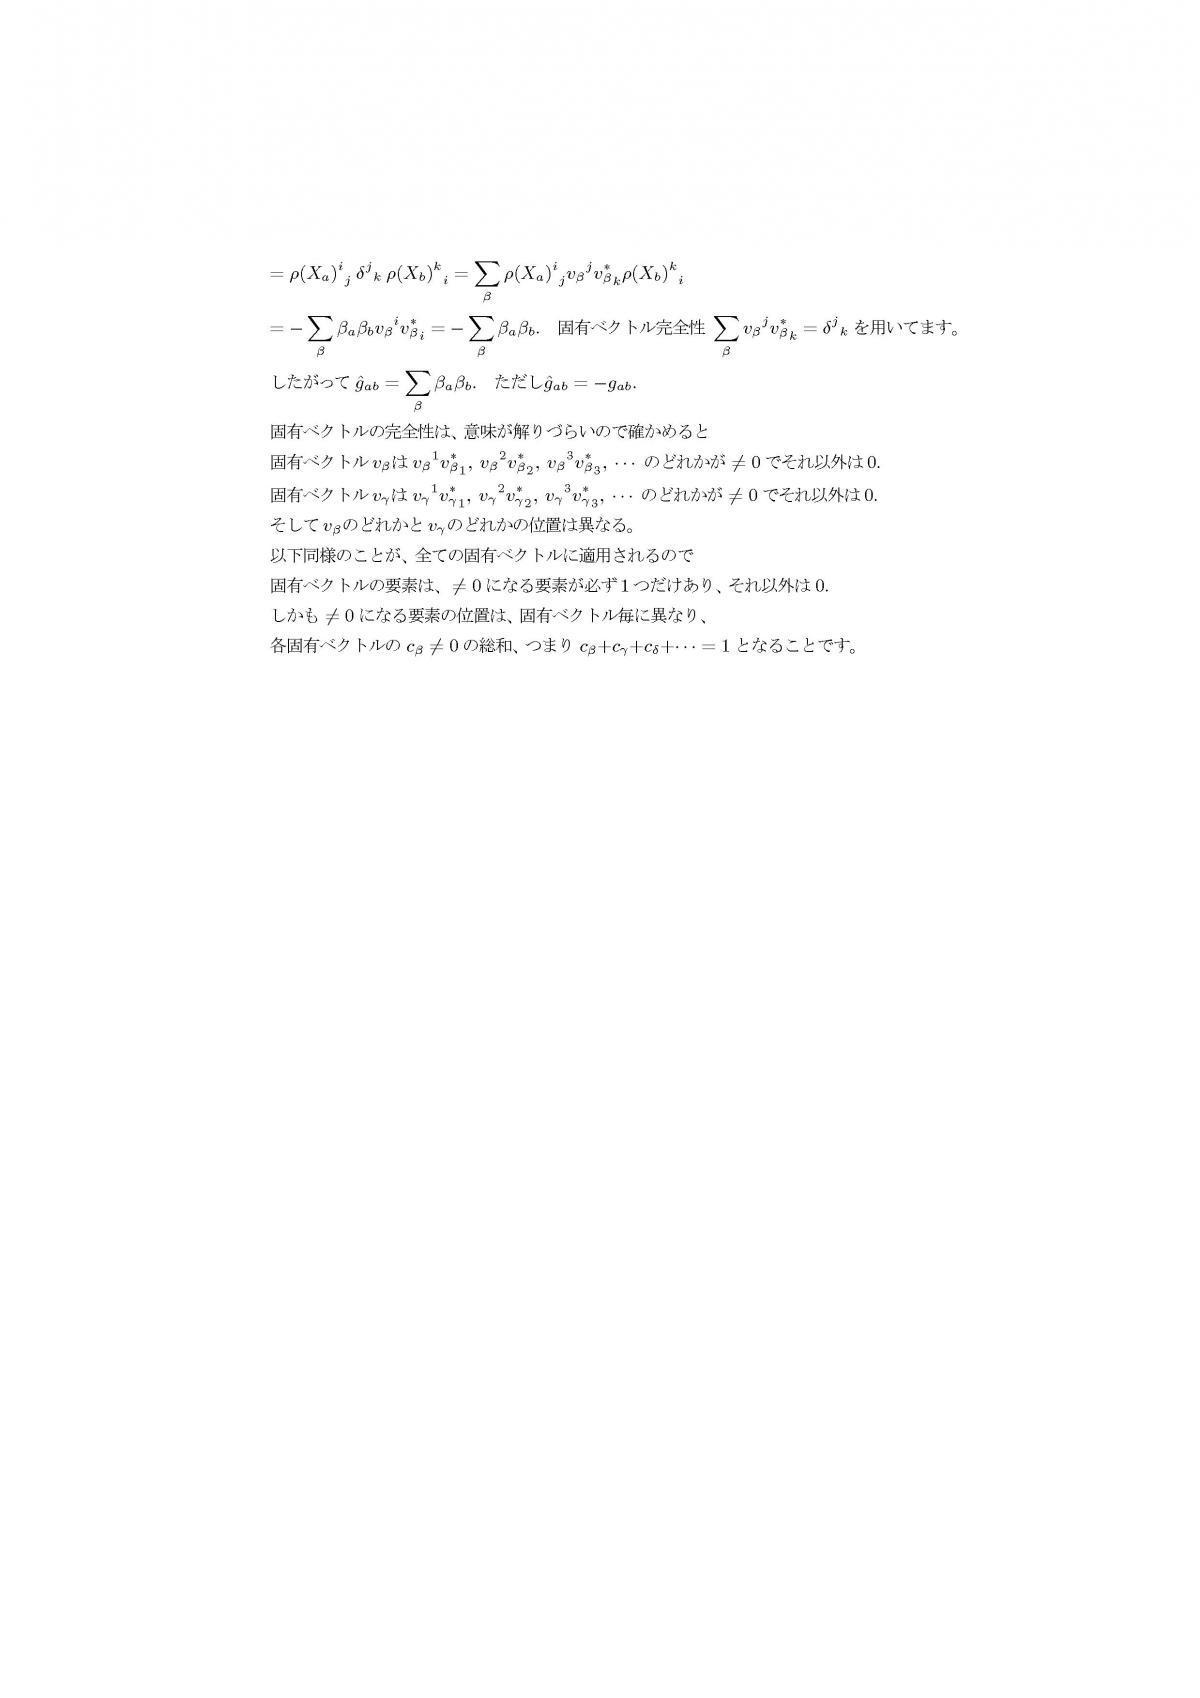 grp130828c.jpg